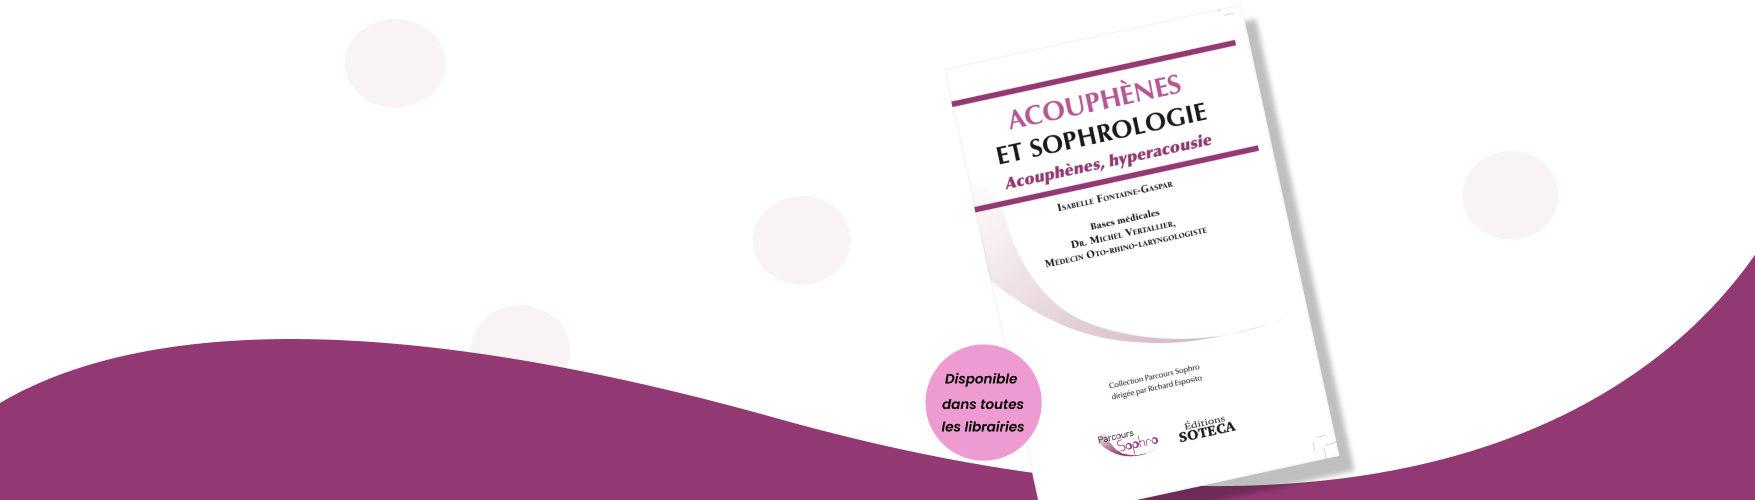 acouphenes-sophrologie